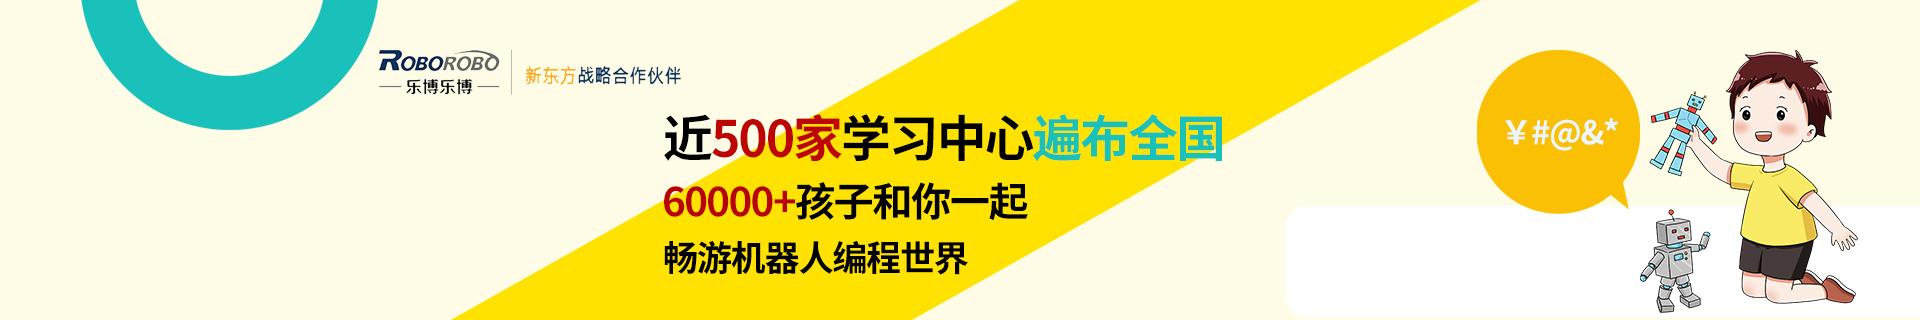 广州荔湾区中山七路乐博乐博少儿编程